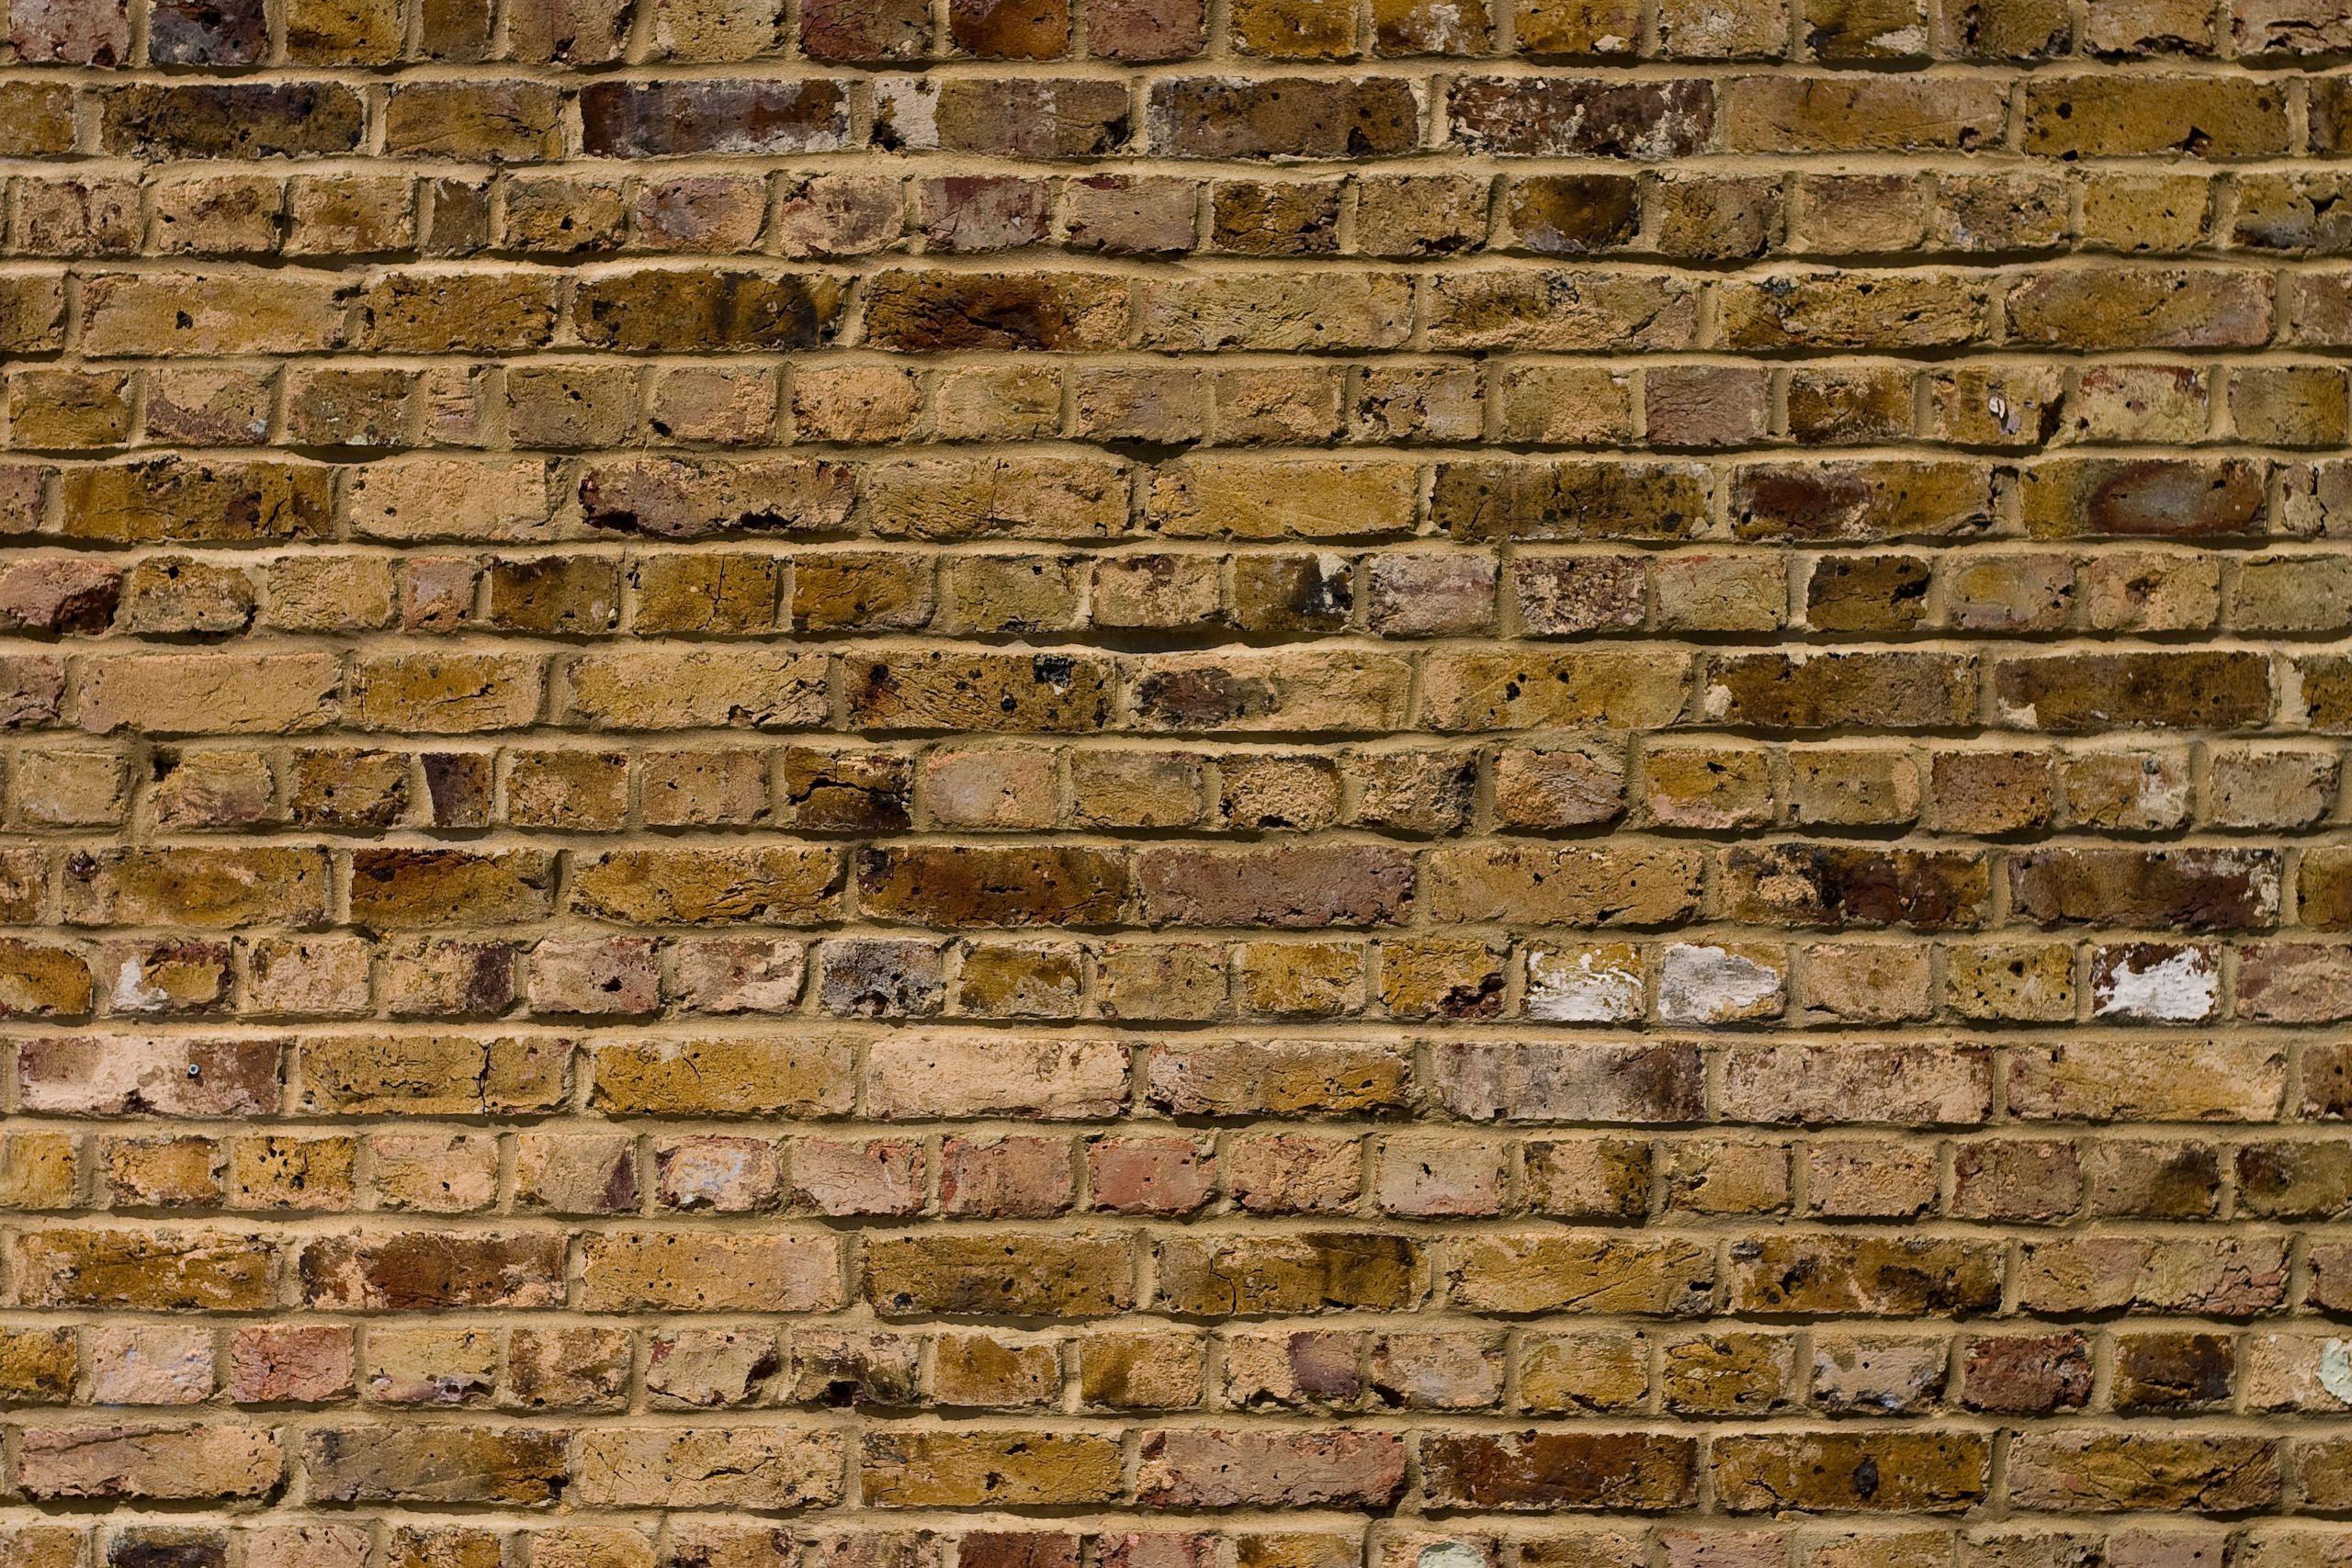 Brick Wall Texture Brick Pinned by レンガ, モルタル